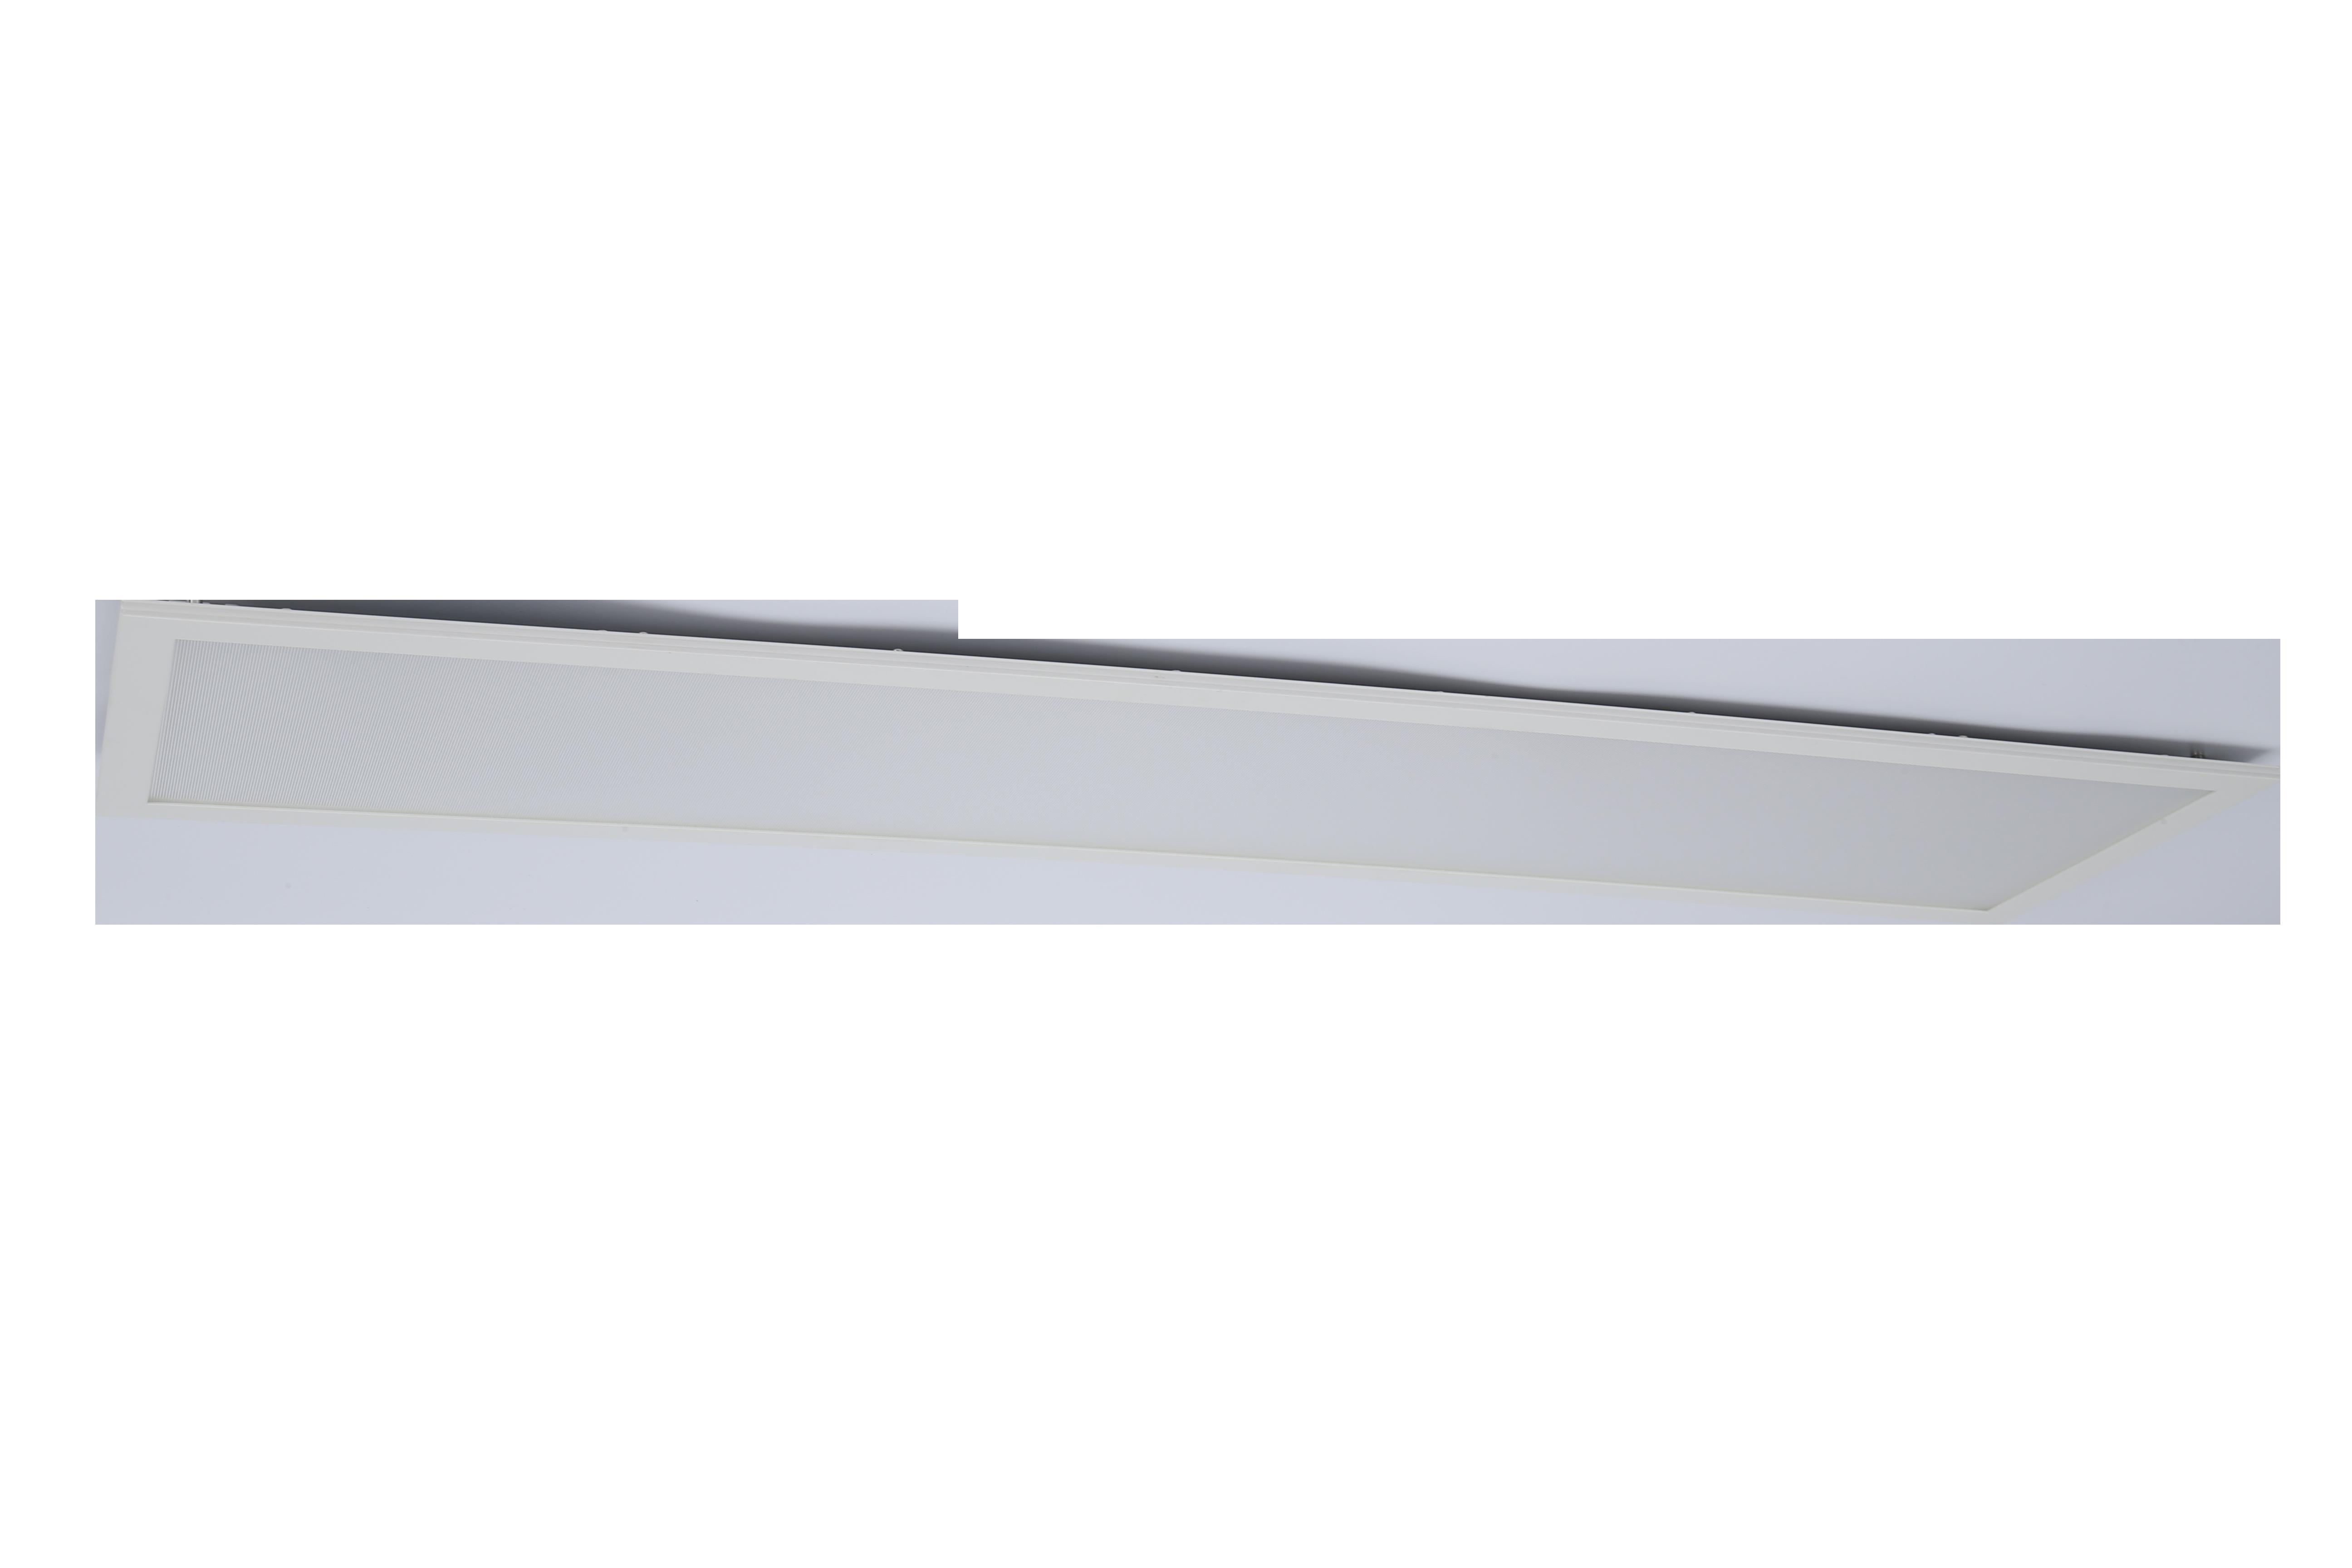 Licht Panel Led : Led licht panel led panel lights upshine lighting